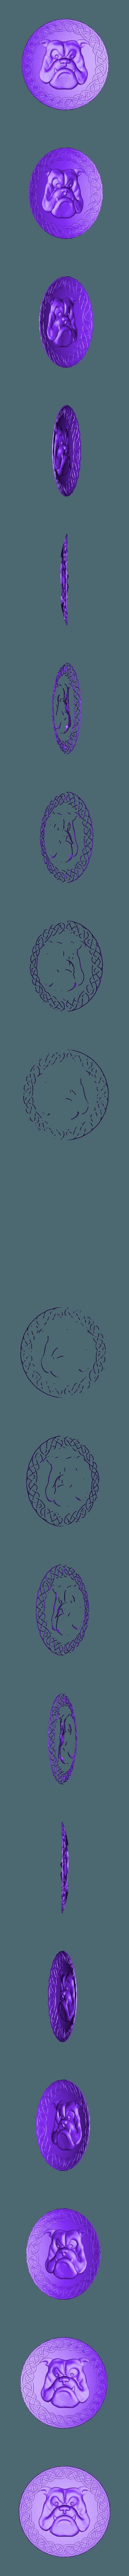 Dogg.stl Télécharger fichier STL gratuit Bouledogue • Plan à imprimer en 3D, Account-Closed